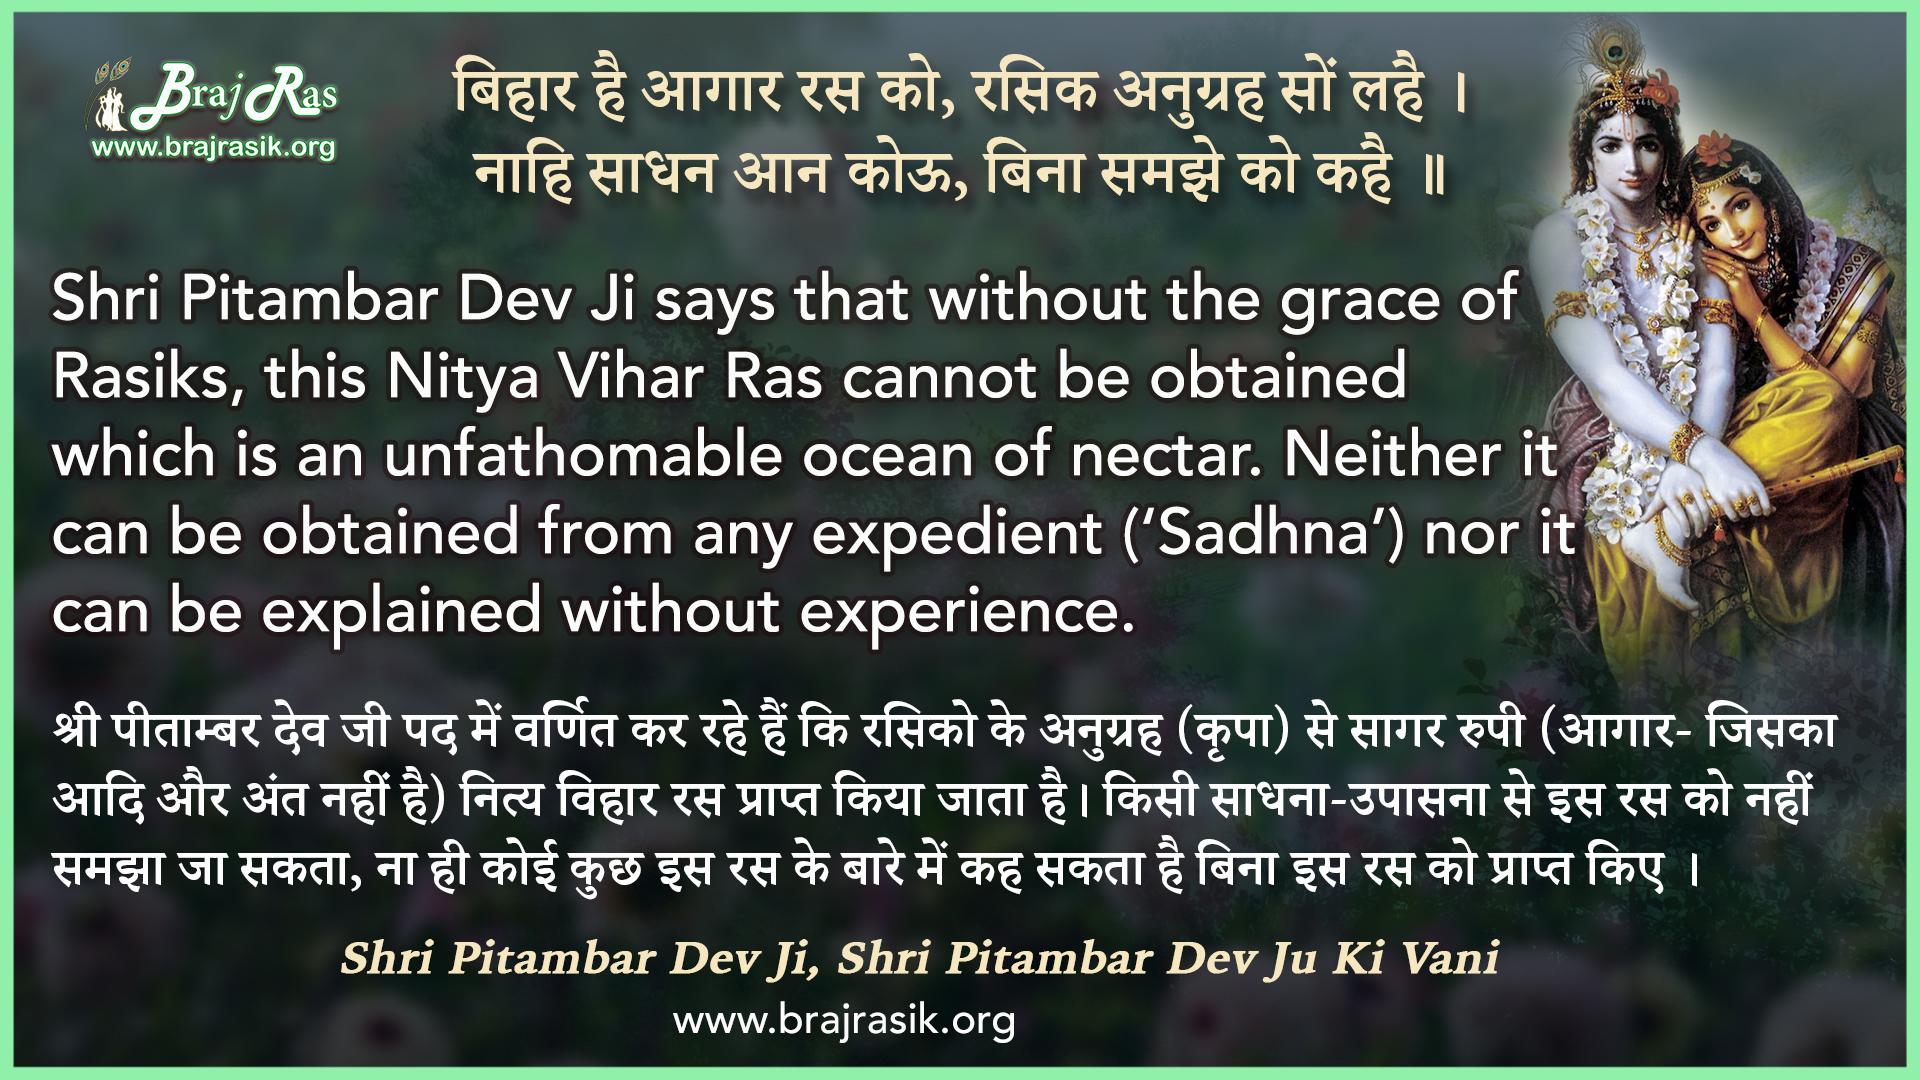 Bihar hai aagar ras ko, rasik anugrah hon lahe - Shri Pitambar Dev Ji, Shri Pitambar Dev Ju Ki Vani